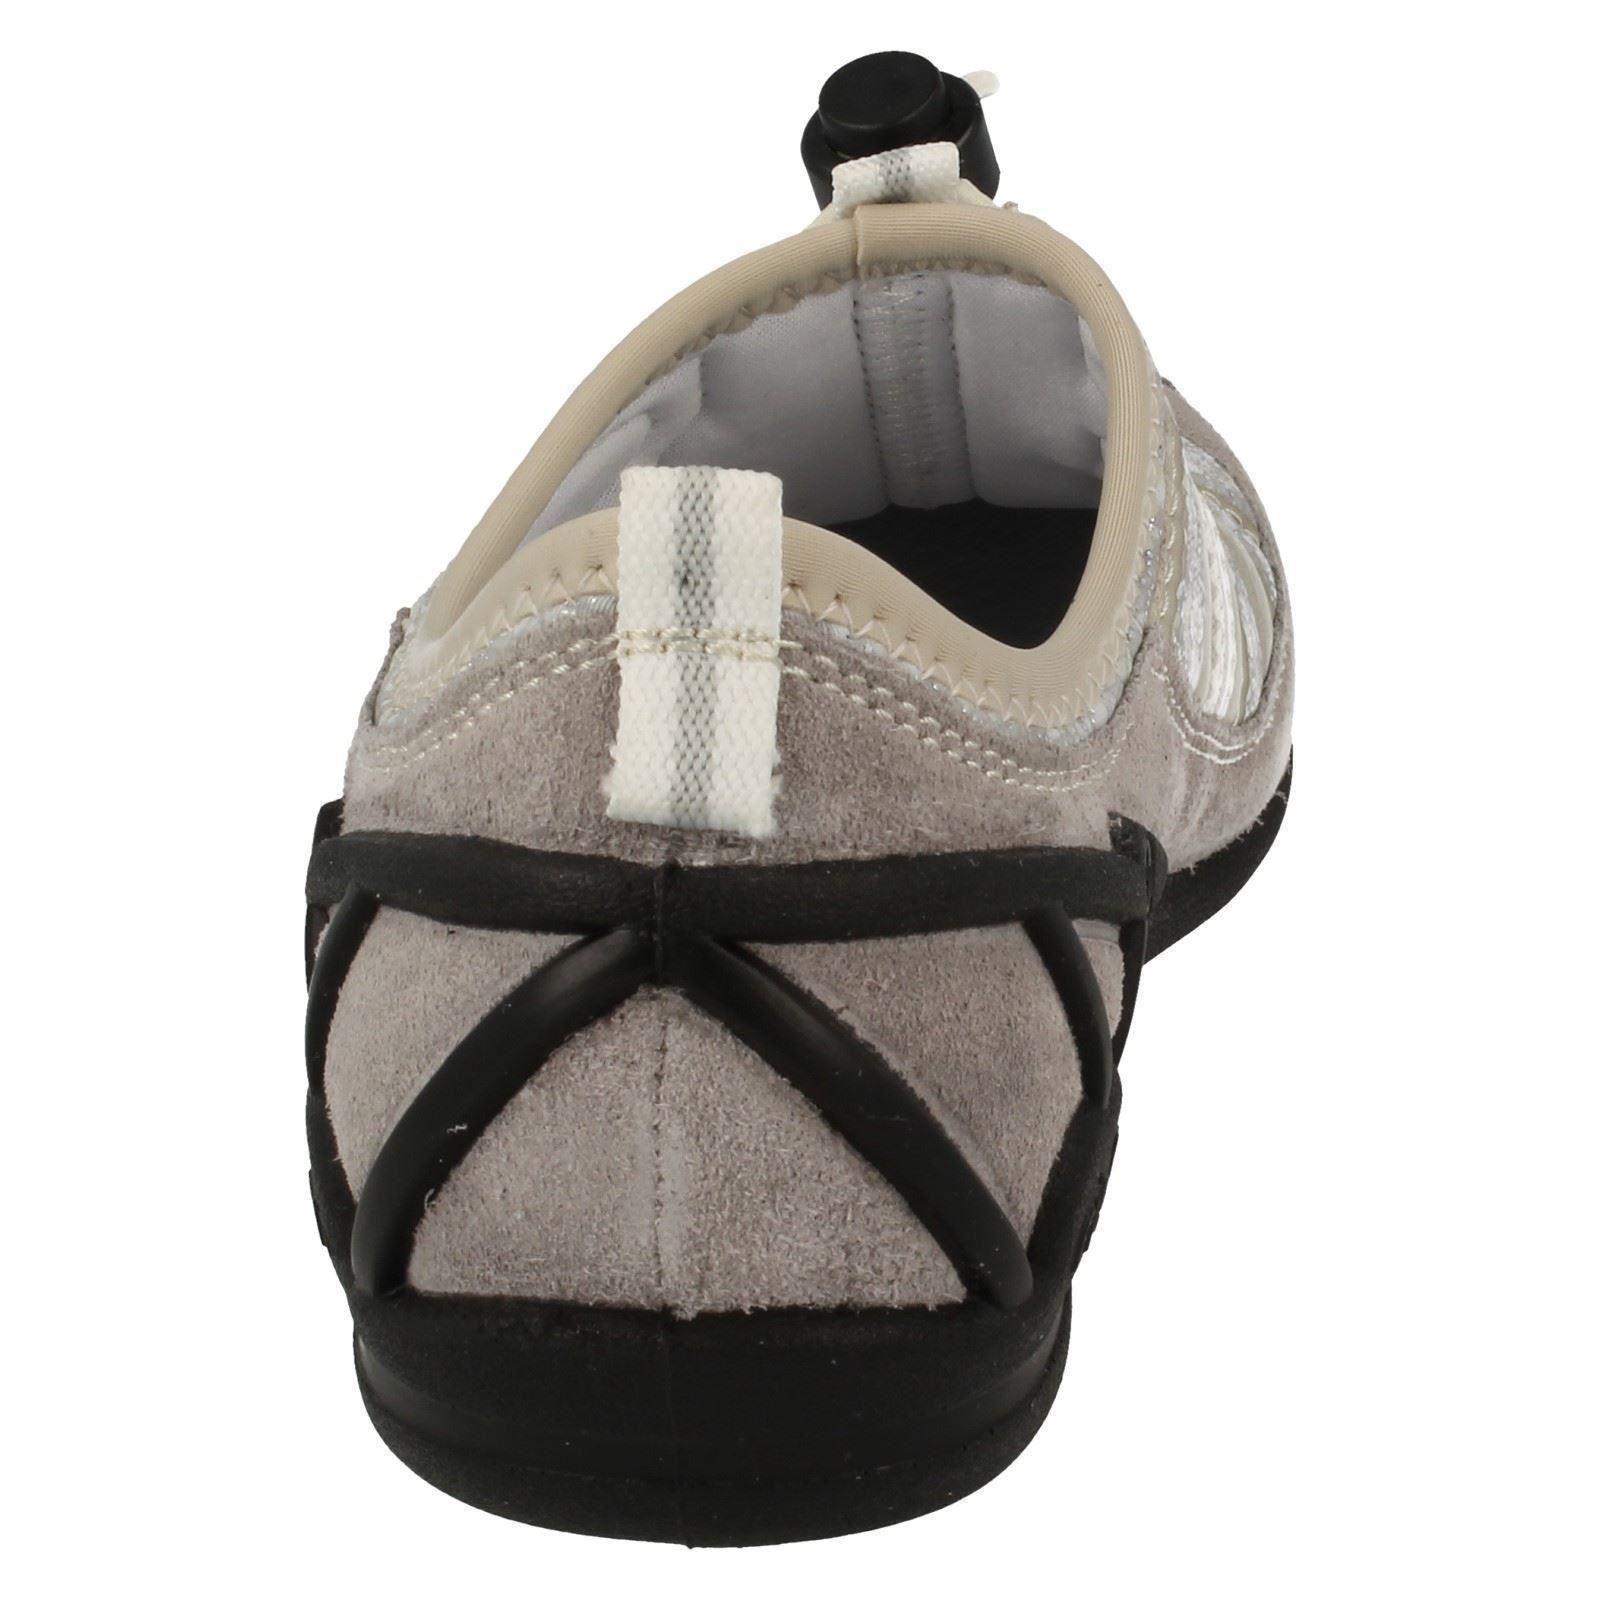 nascosti 59570 Scarpe donna Combi grigio Grigio da ginnastica con talloni da Rieker fISfO